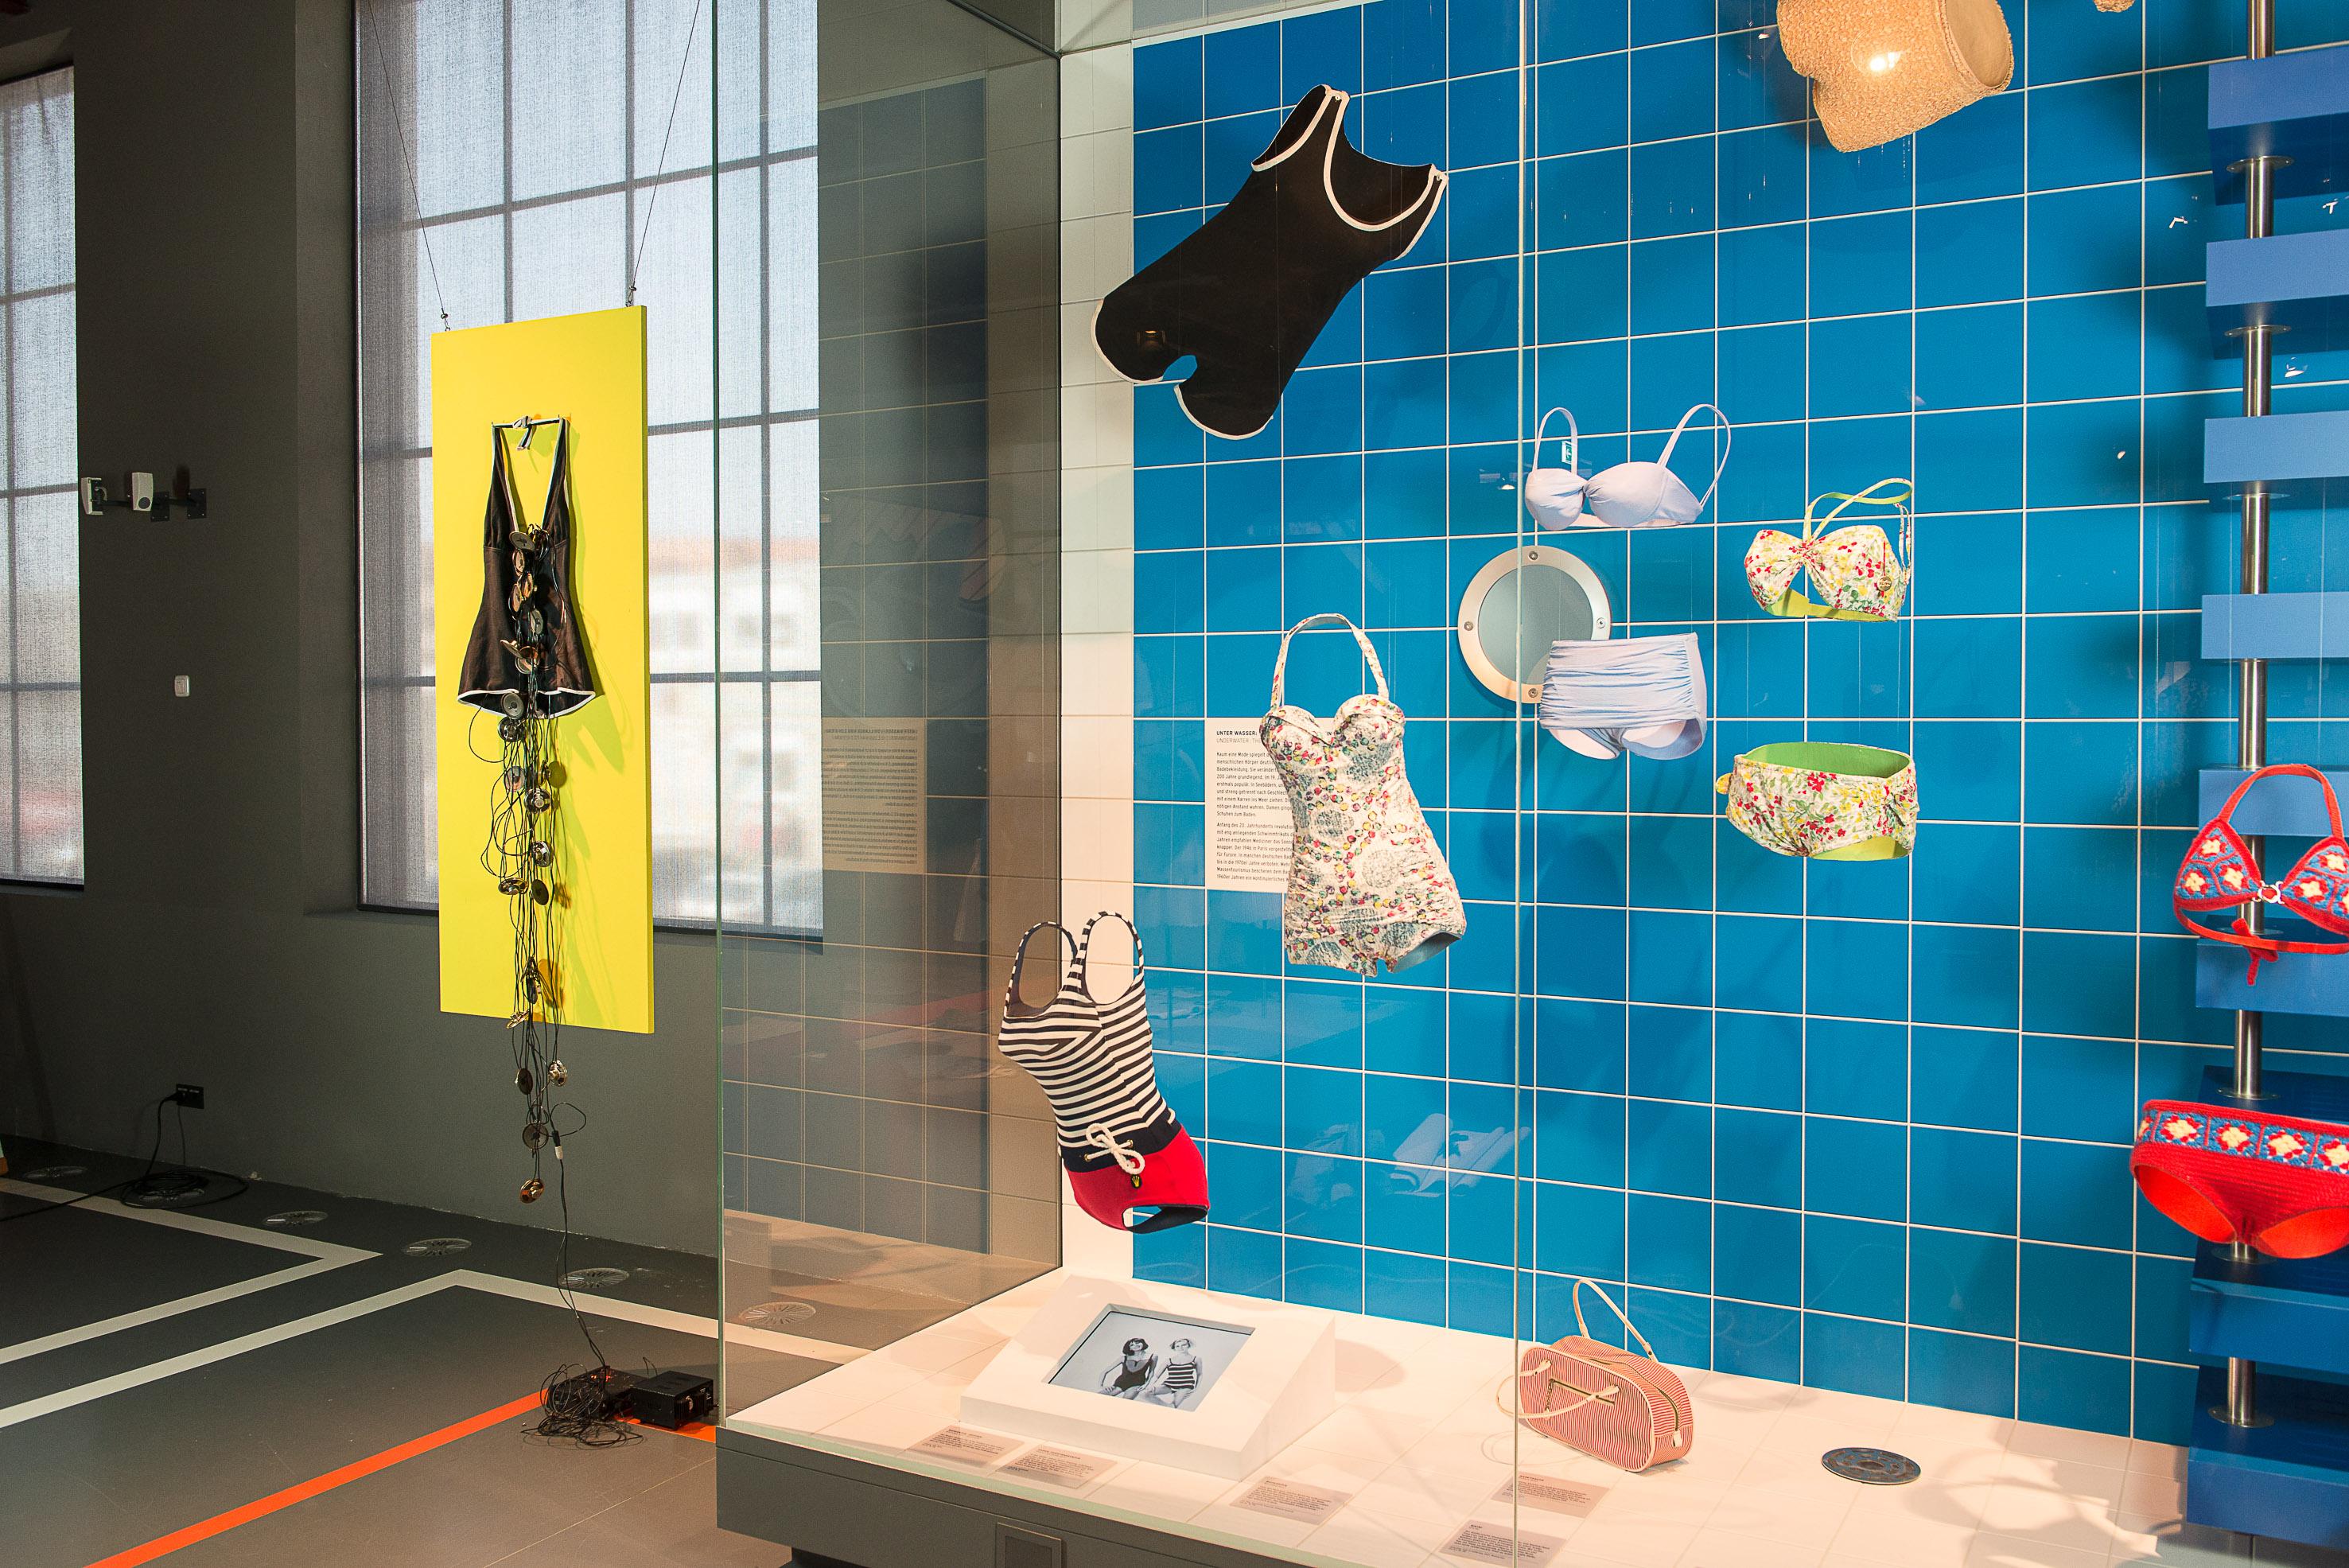 Kulturtipp für Augsburg: Das tim in Augsburg